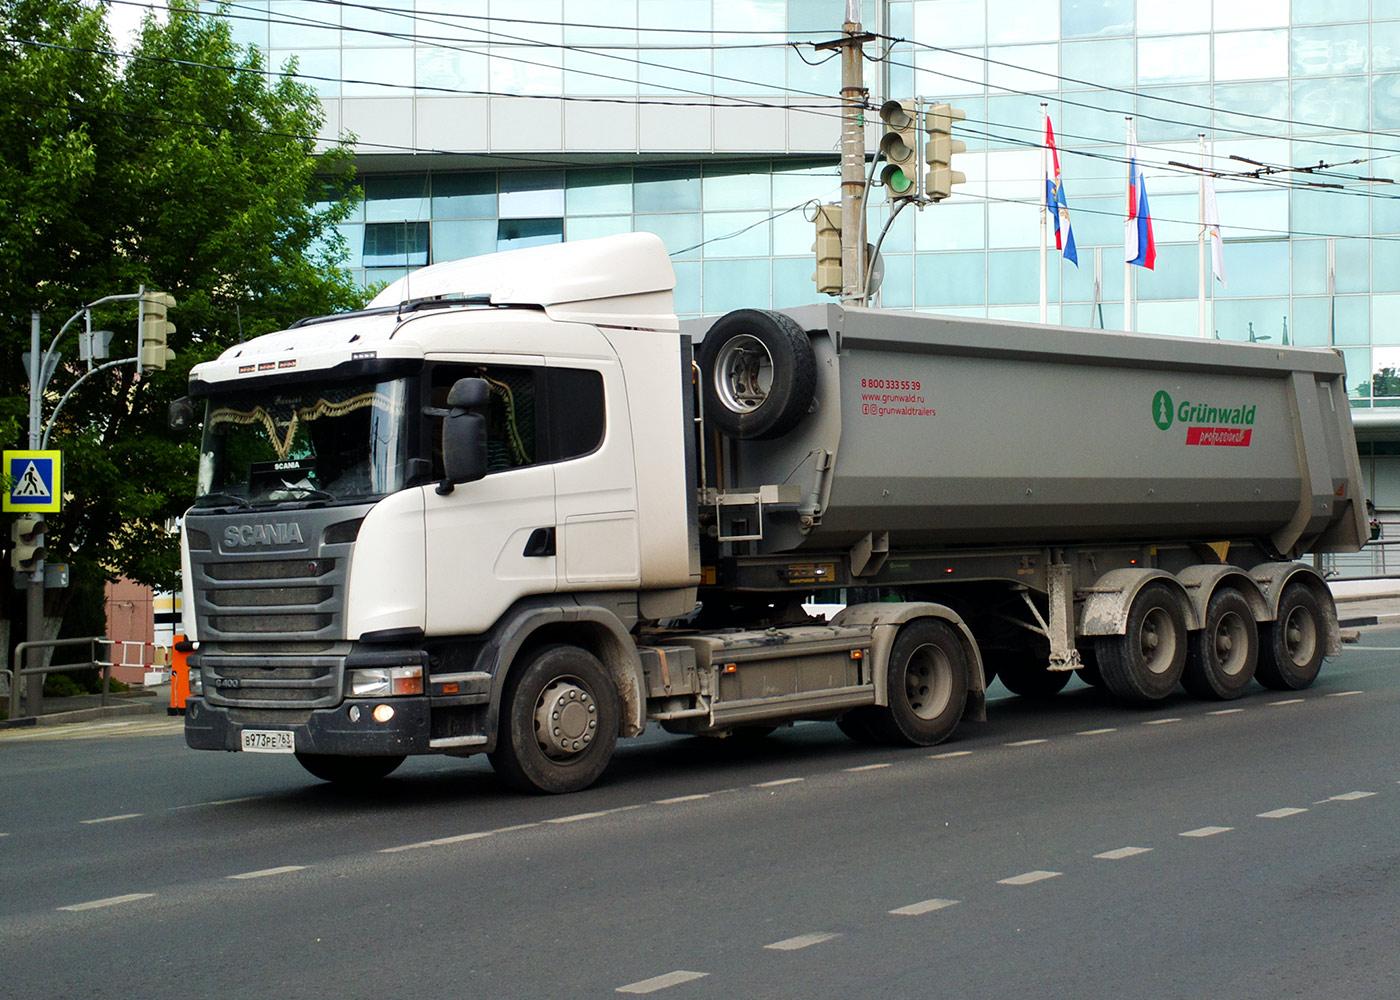 Седельный тягач Scania G400 с самосвальным полуприцепом Grünwald Gr.T31-SH #В973РЕ763. г. Самара, Волжский проспект